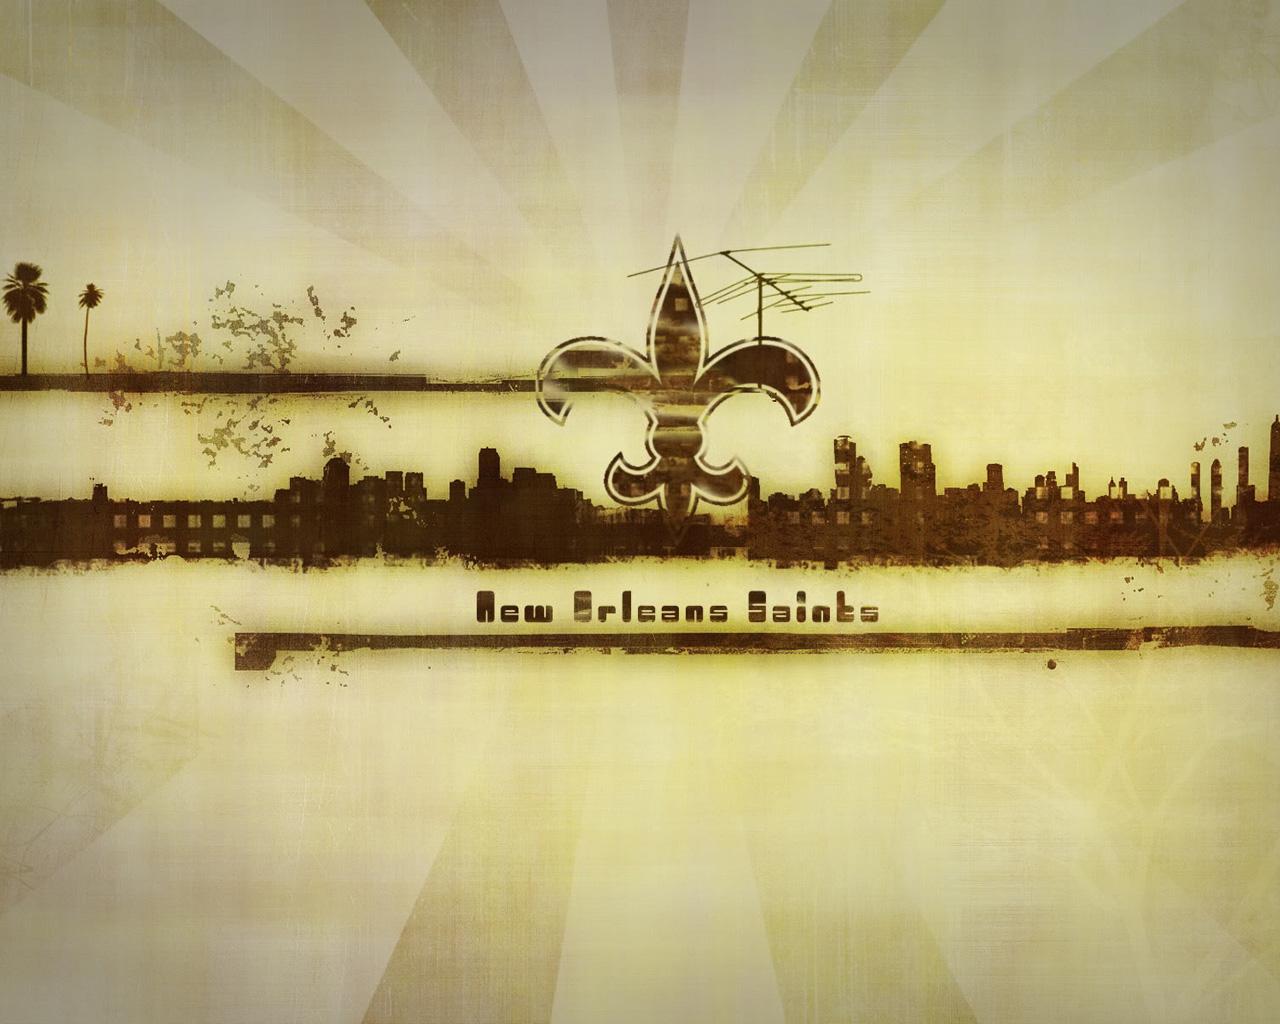 new orleans saints logo wallpaperjpg 1280x1024